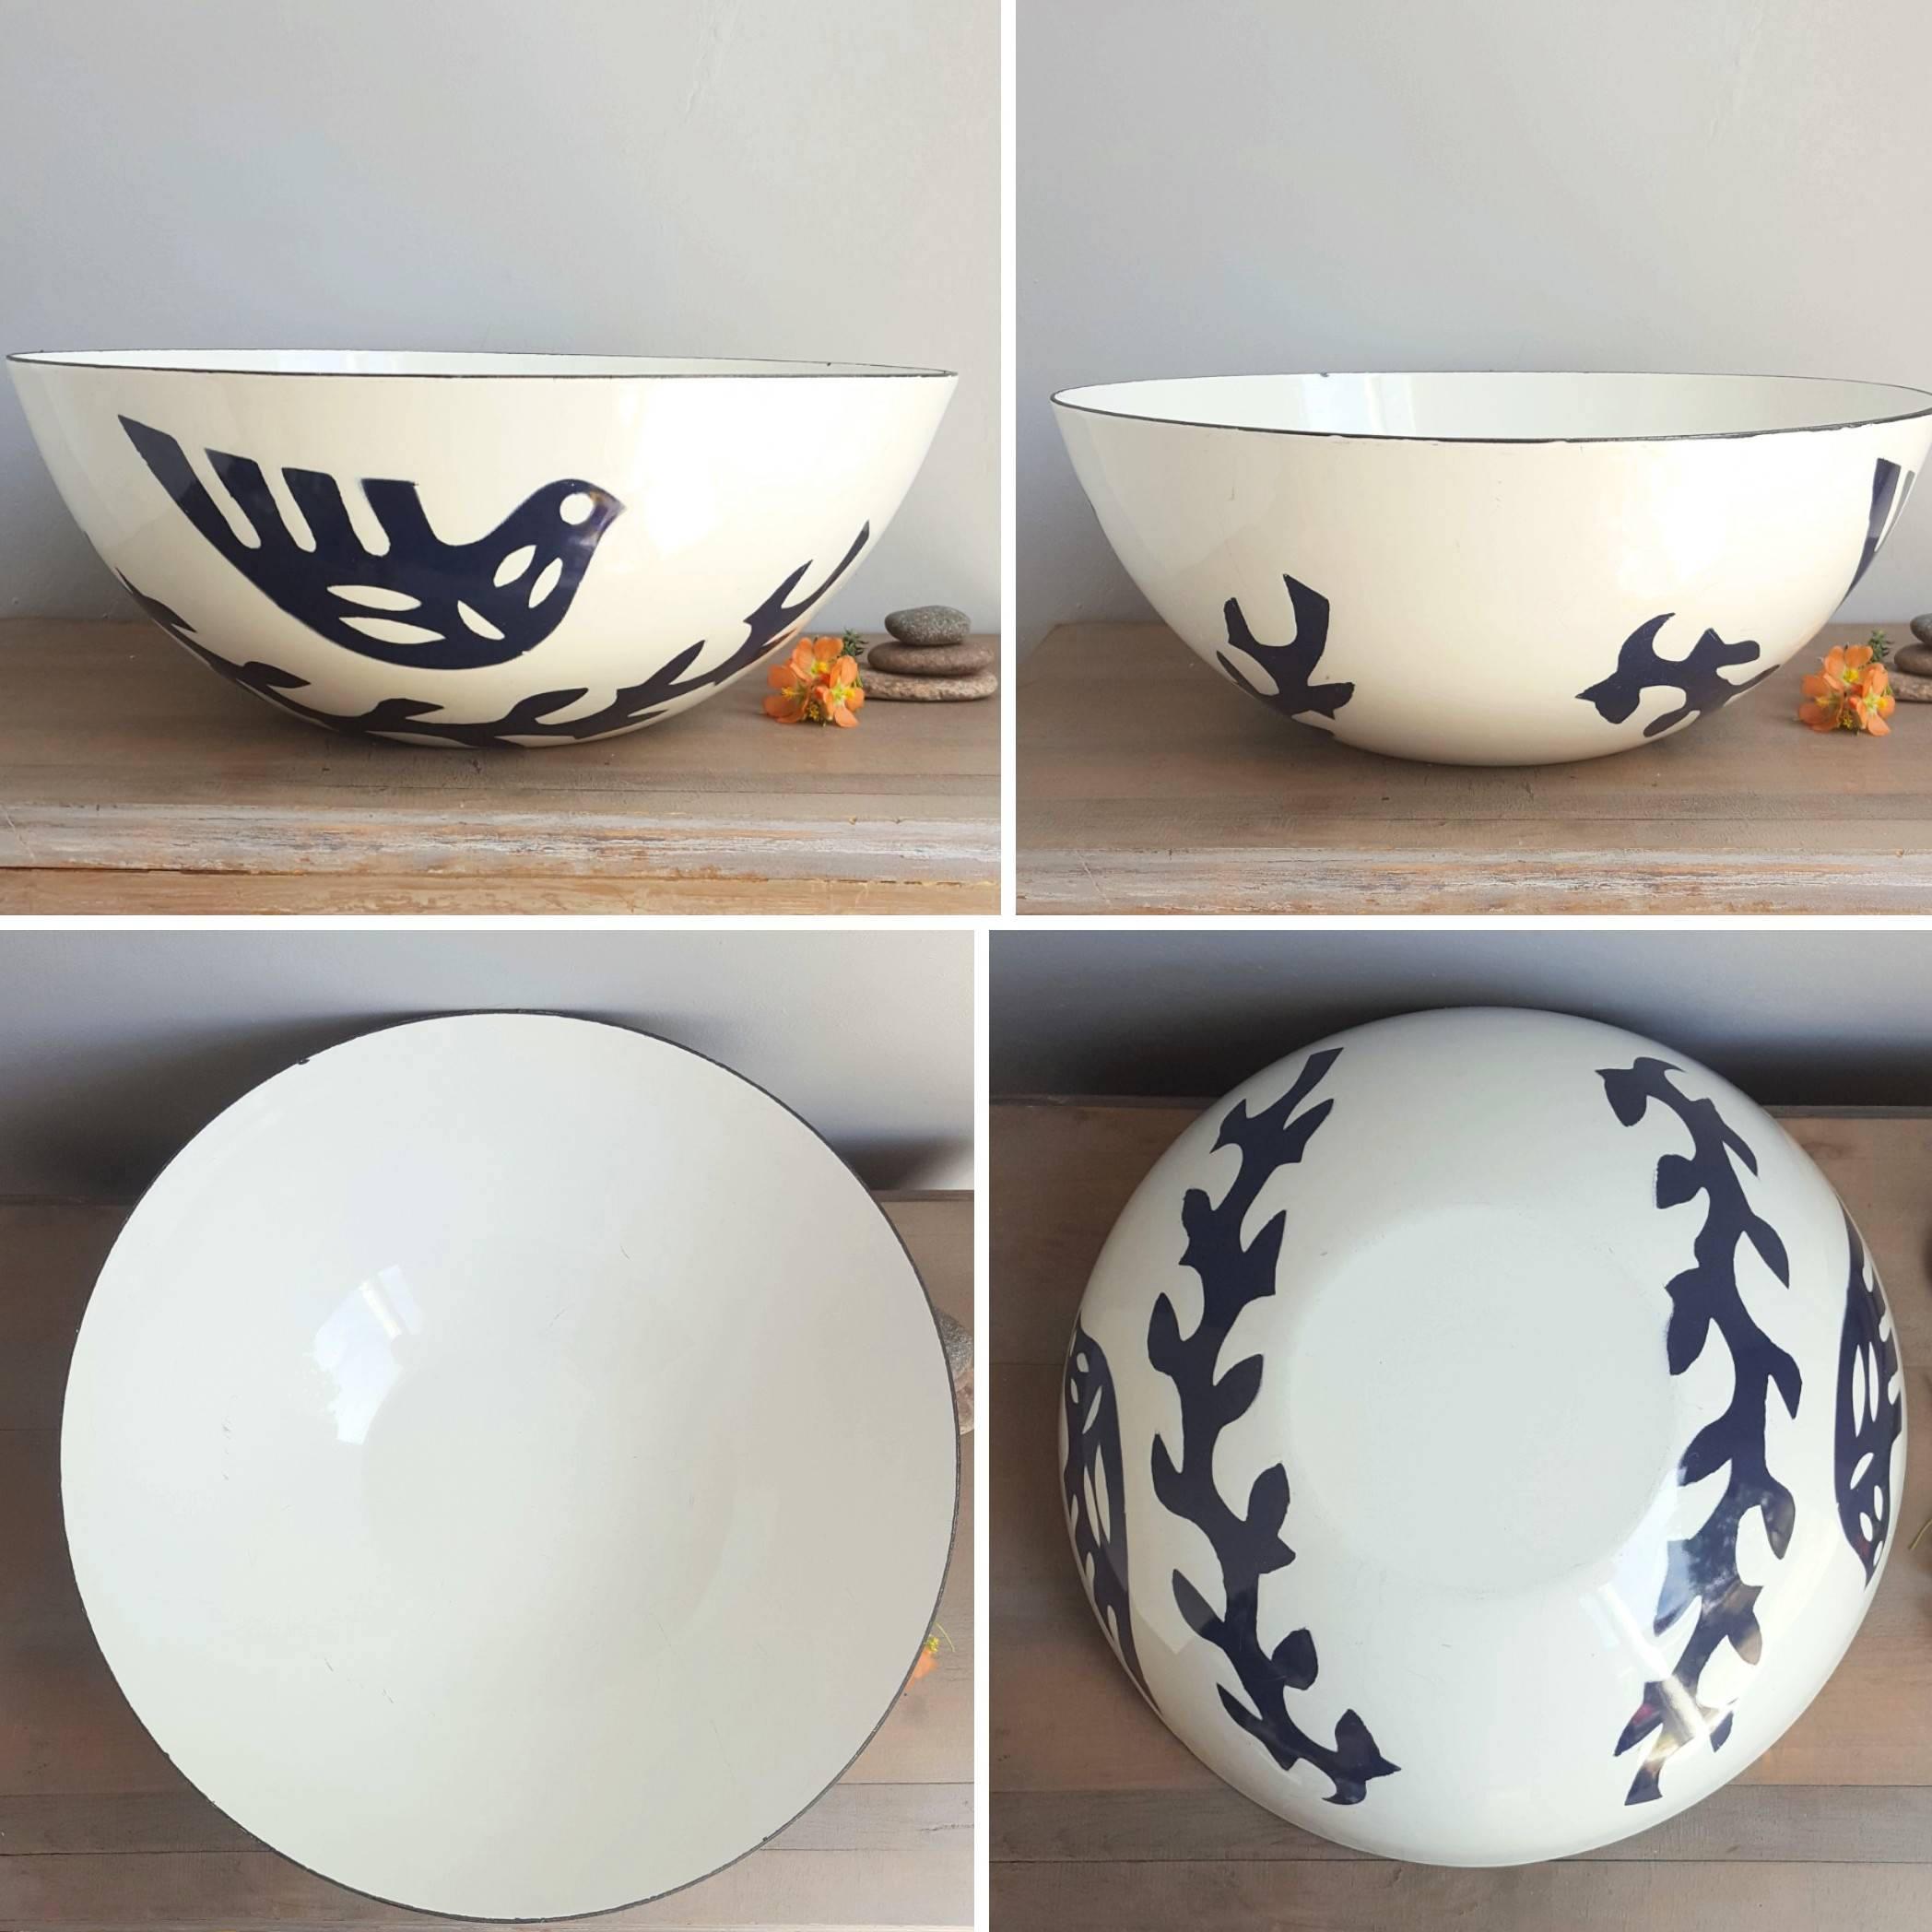 Hanova of Pasadena Dove 4 Bowl Set, 1960s Vintage Danish